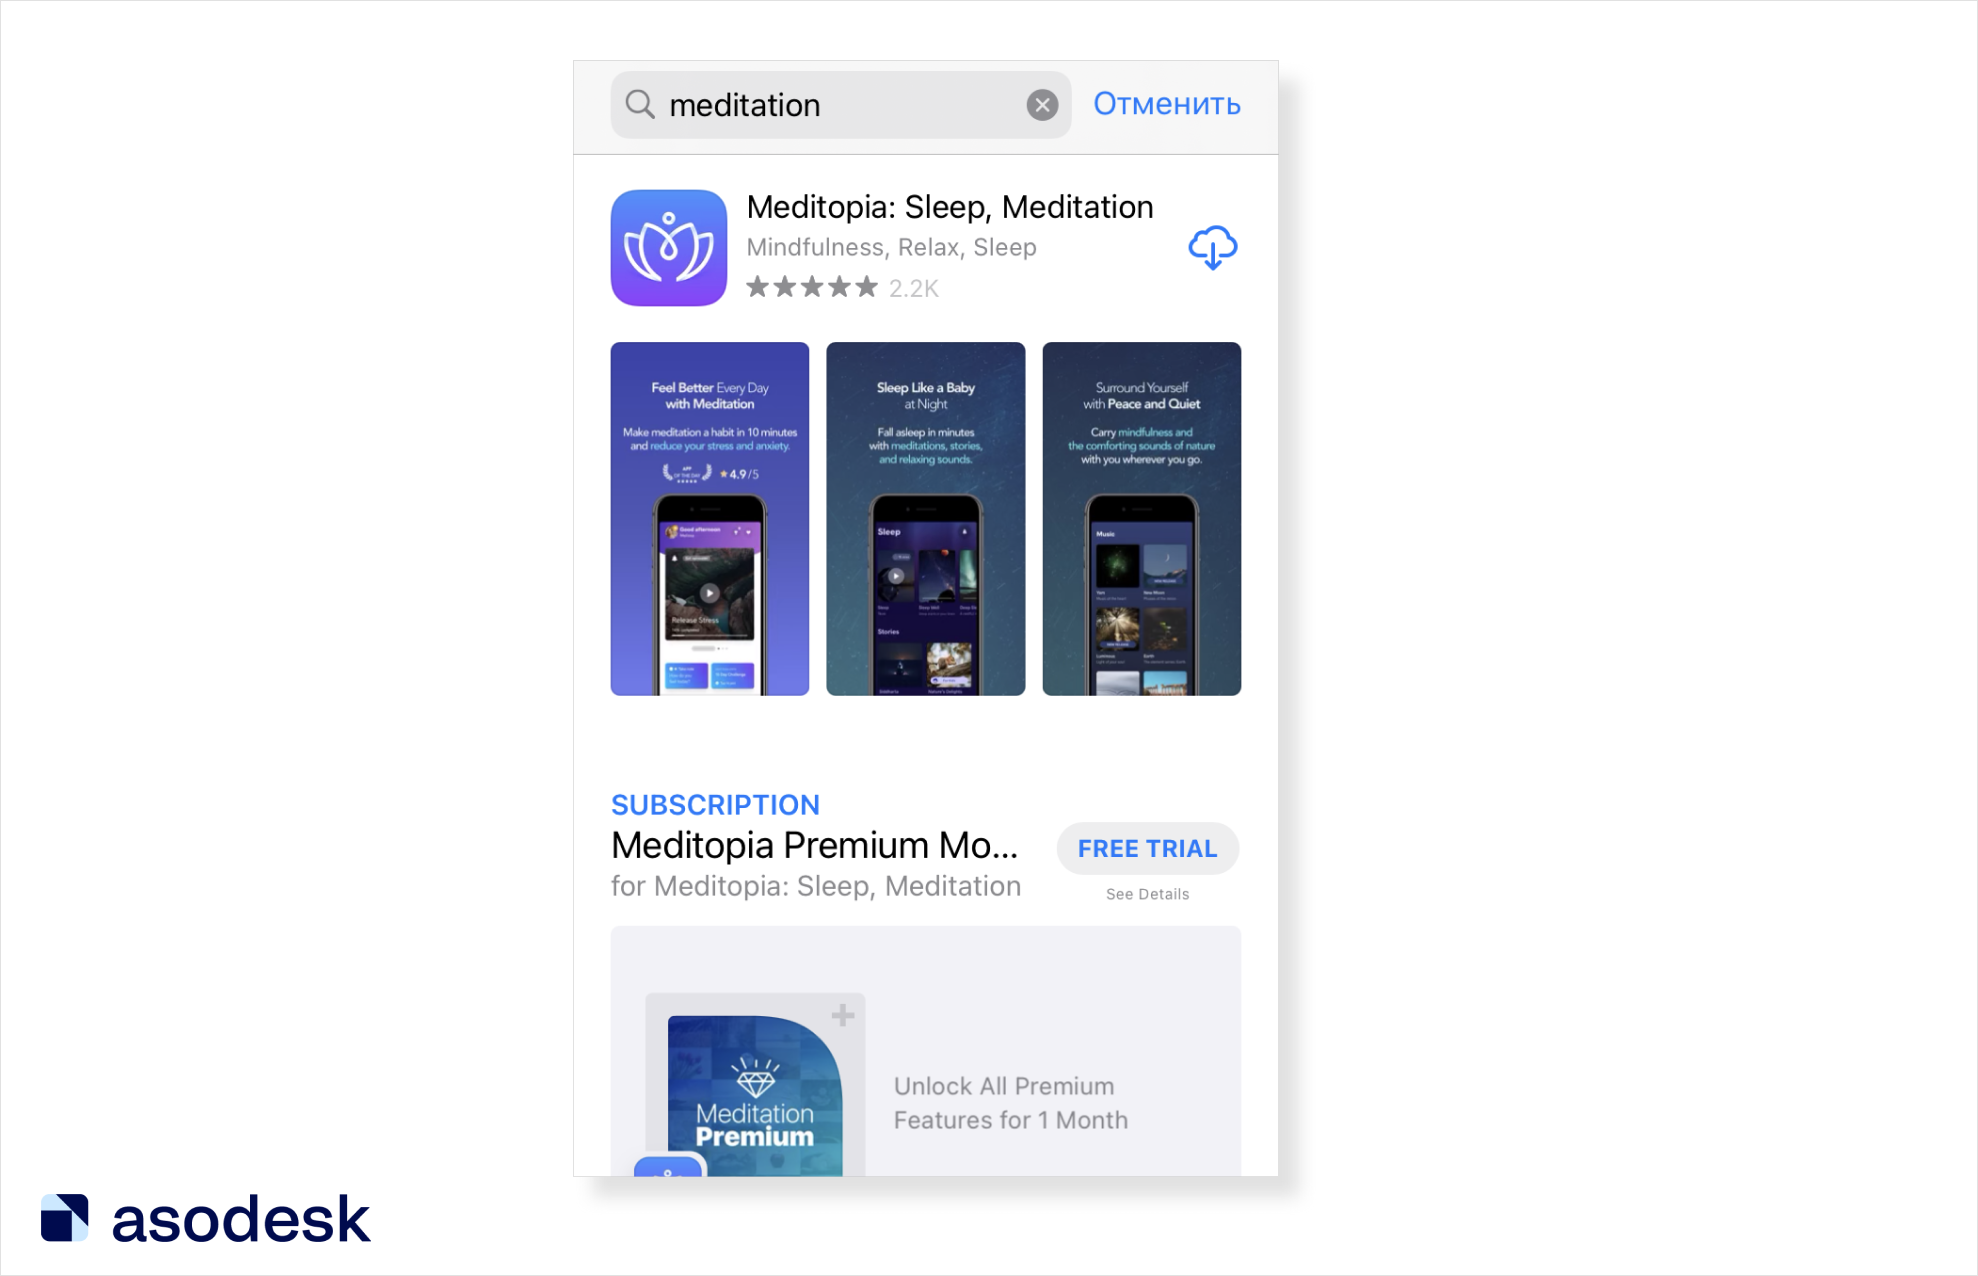 Использование функции внутренних покупок в App Store позволяет занять больше места в поисковой выдаче